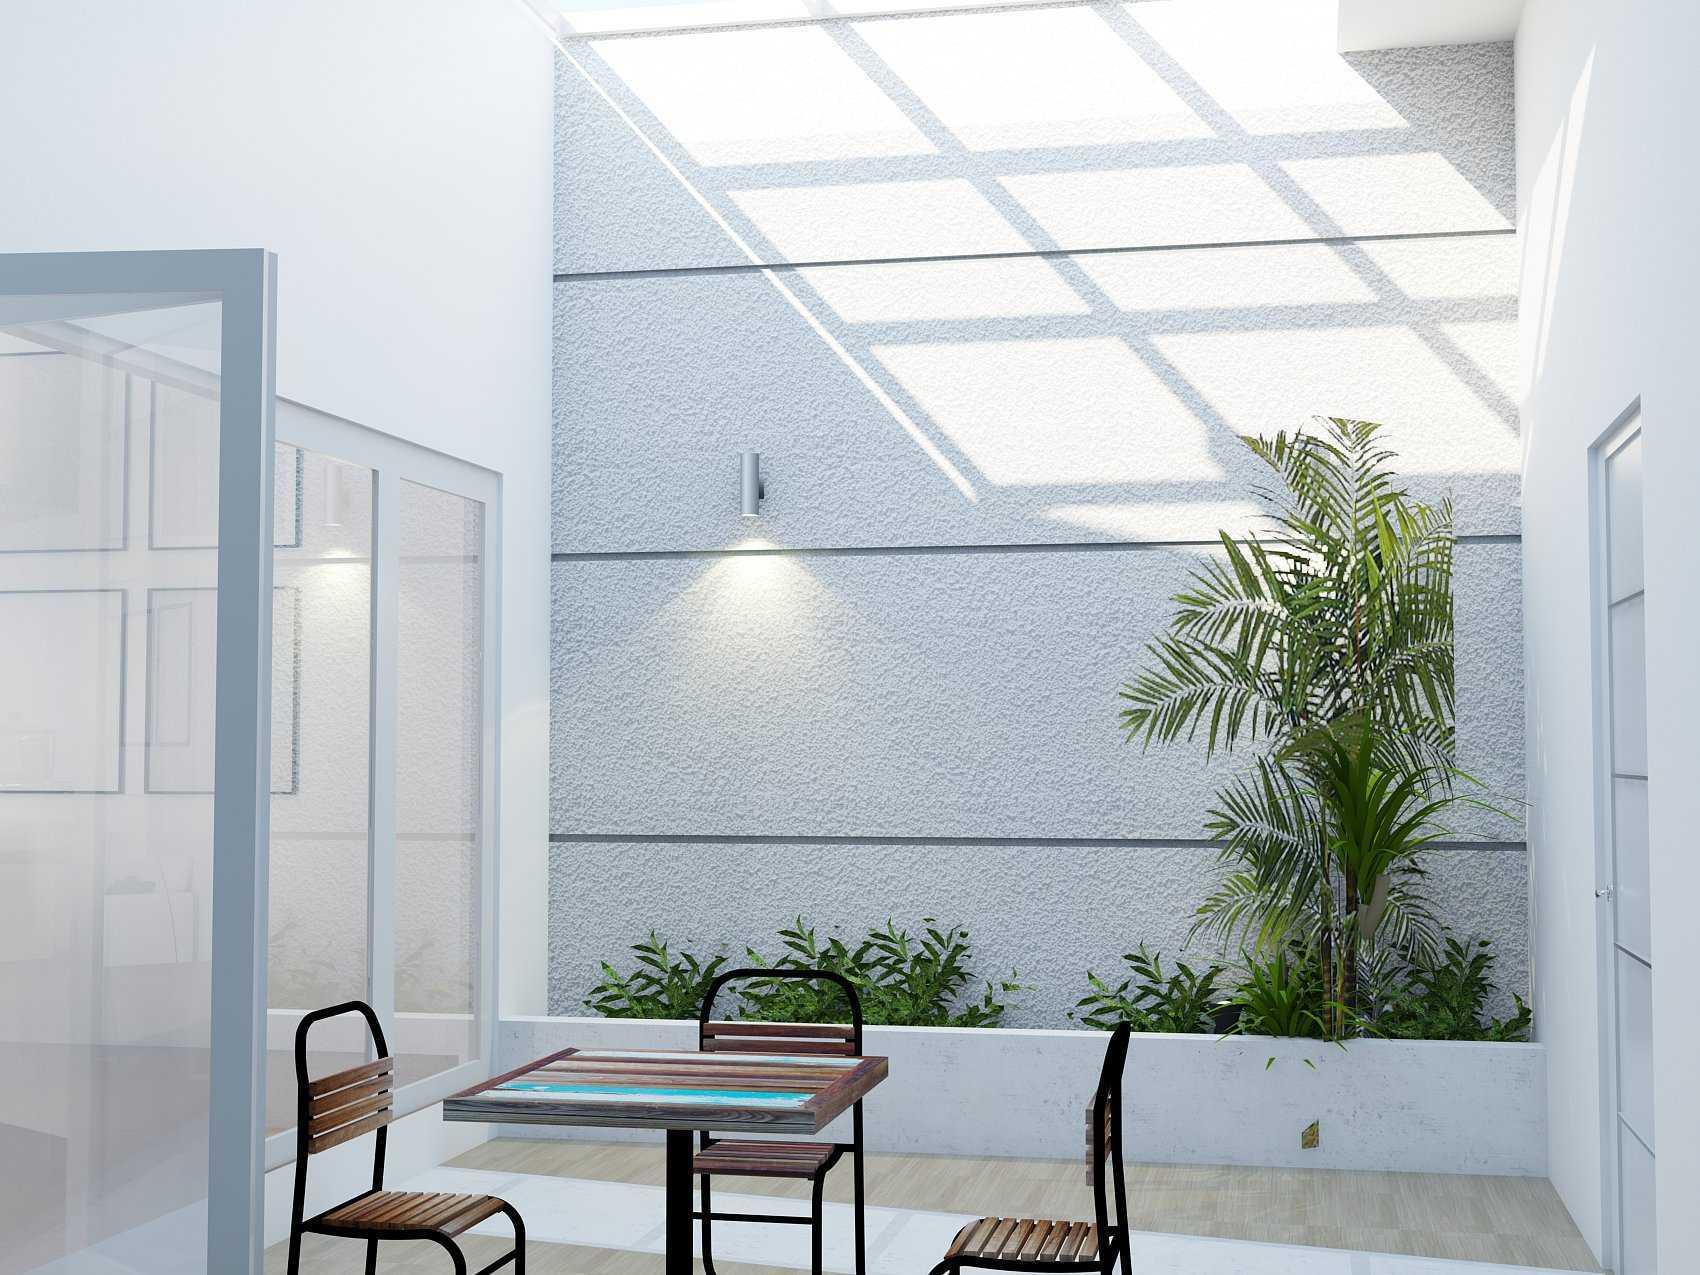 Arz Studio Interior Project - Di Kupang Ntt Kupang, Kota Kupang, Nusa Tenggara Tim., Indonesia Kupang, Kota Kupang, Nusa Tenggara Tim., Indonesia Inner Court   42759